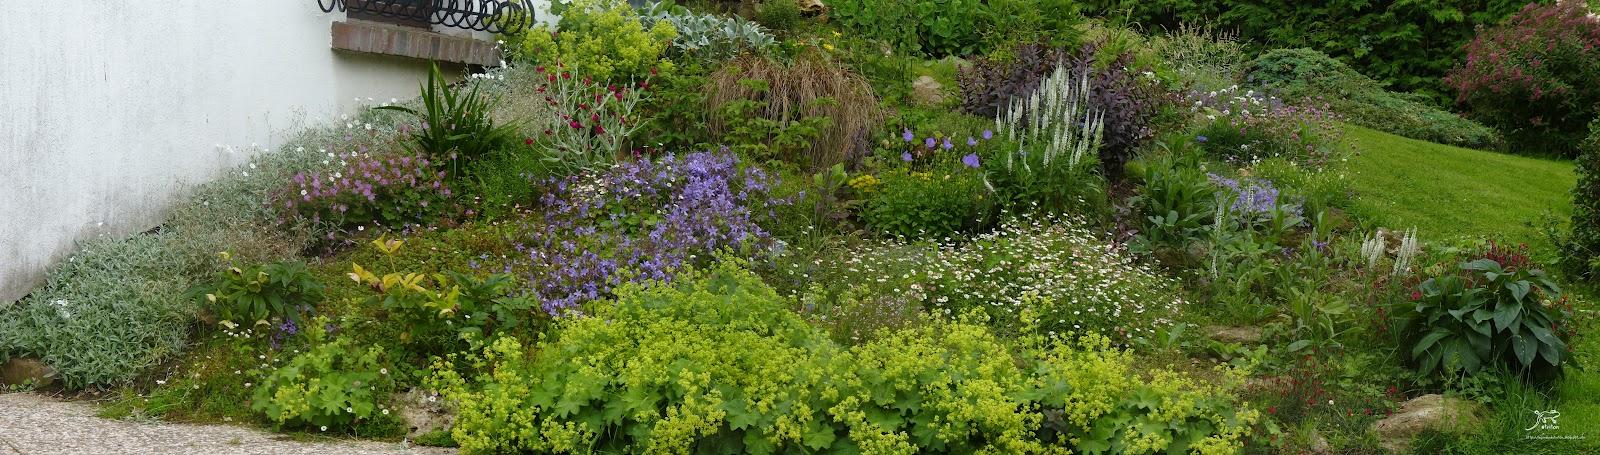 Le Jardin De Triton Rocaille Ou Comment Rendre Un